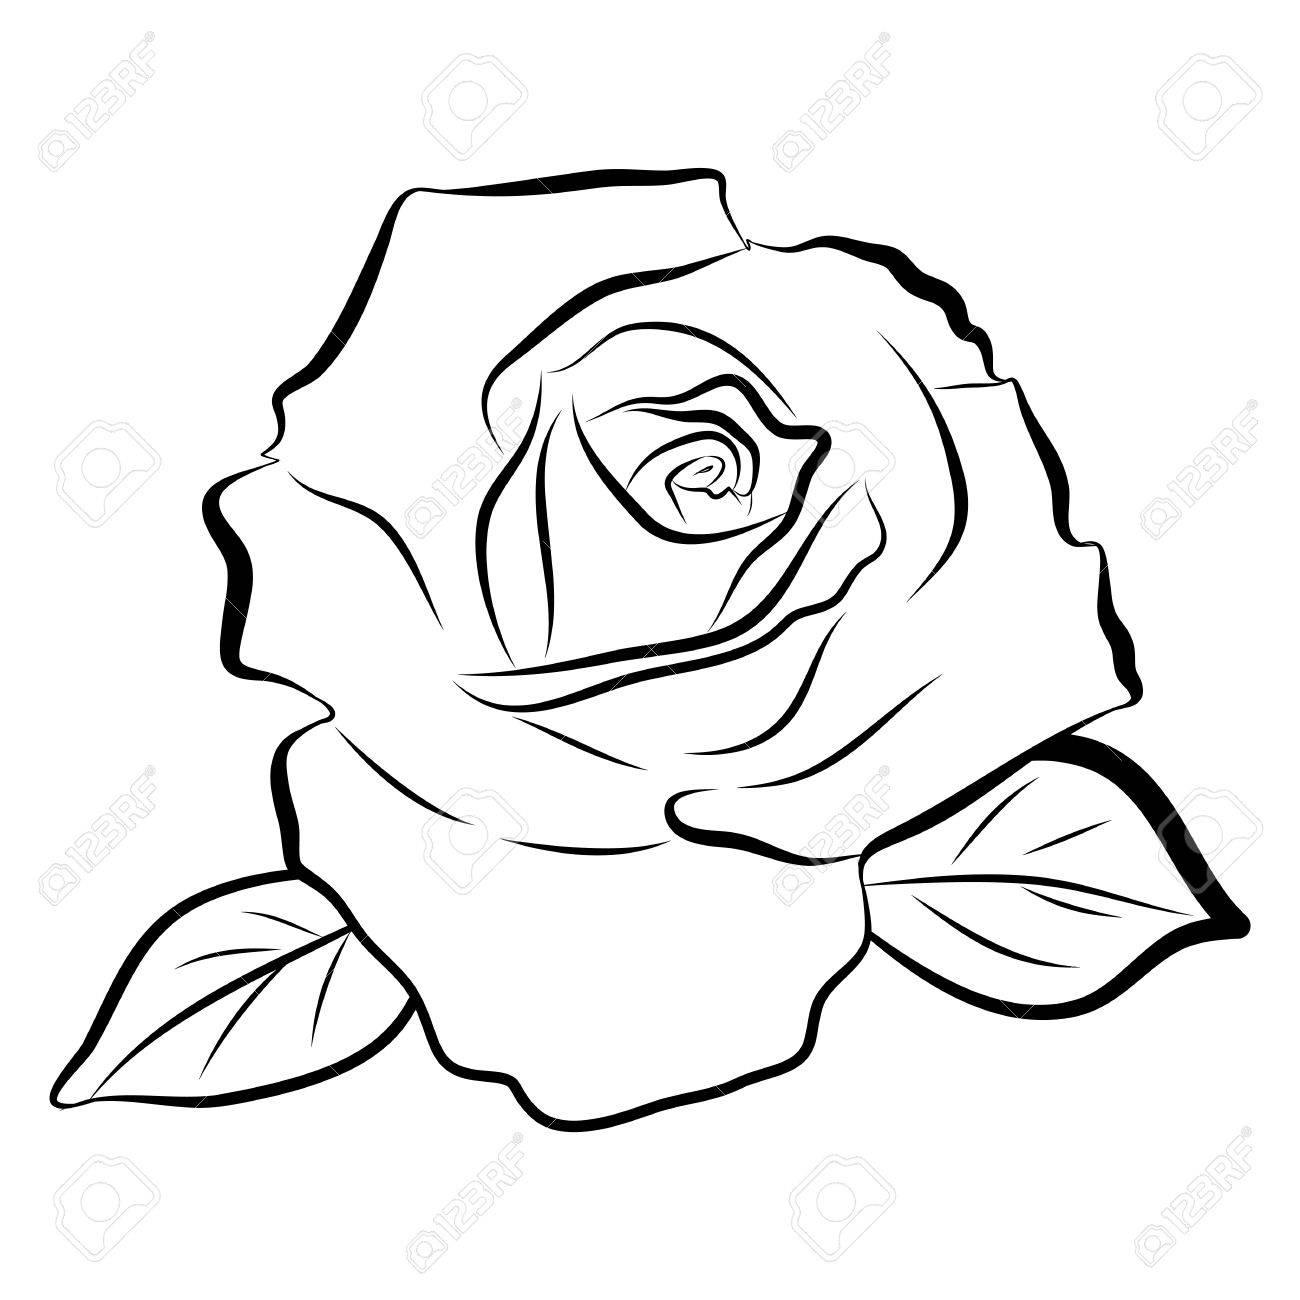 Dessin Au Trait Croquis De Rose Illustration Isolé Sur Fond Blanc